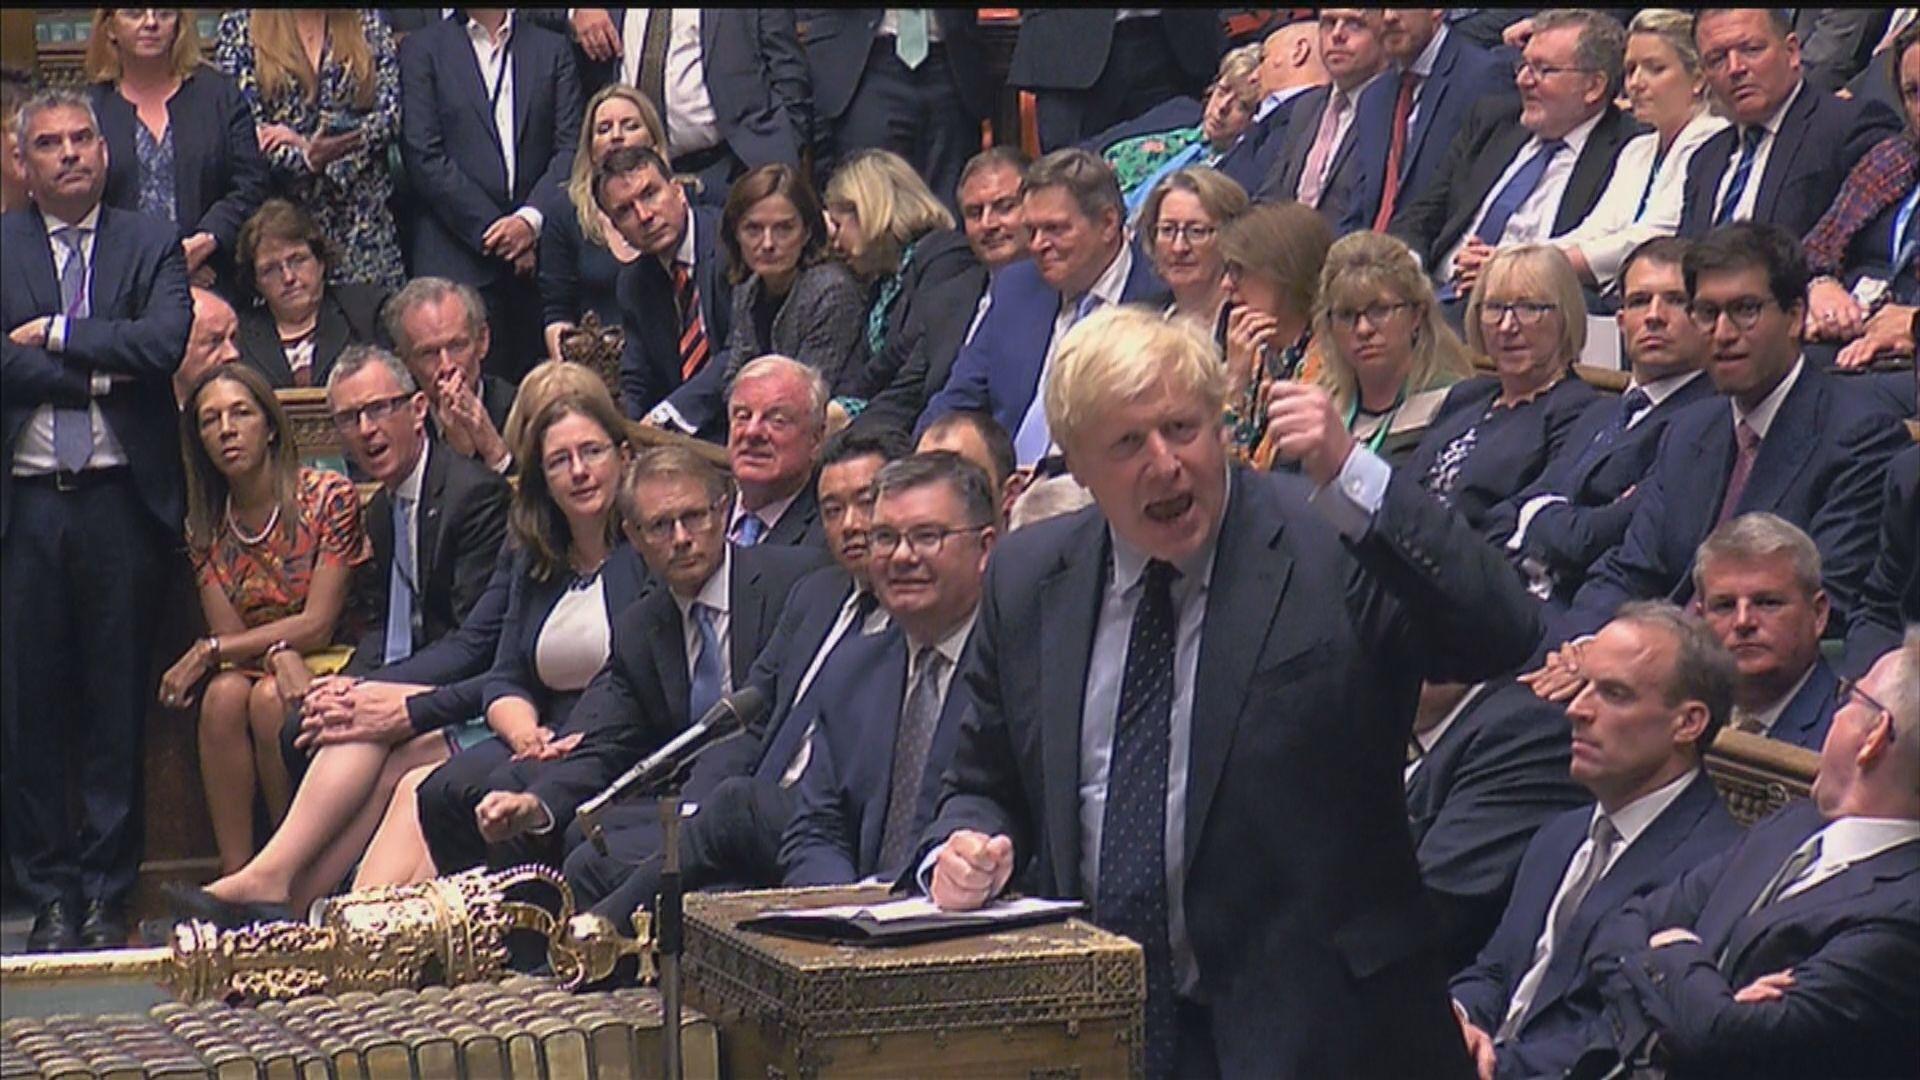 約翰遜:若反無協議脫歐法案通過將提前大選